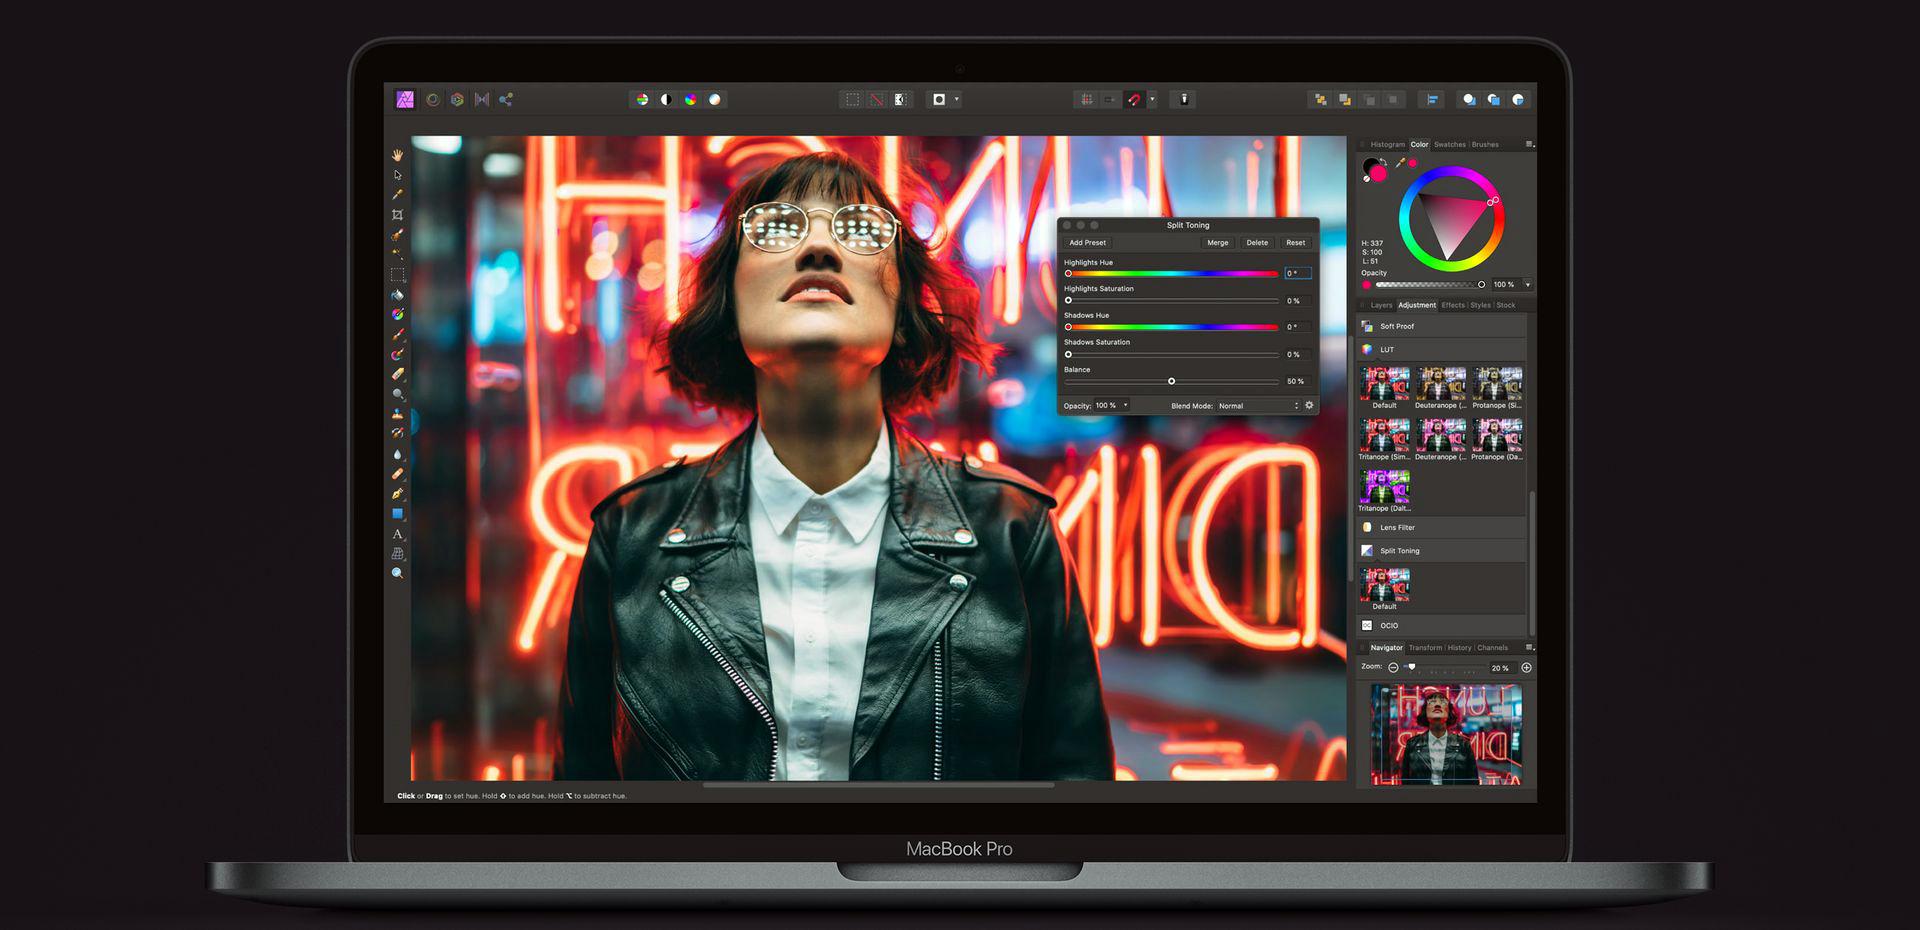 Вышел новый MacBook Pro 13', и об этом никто не знал!